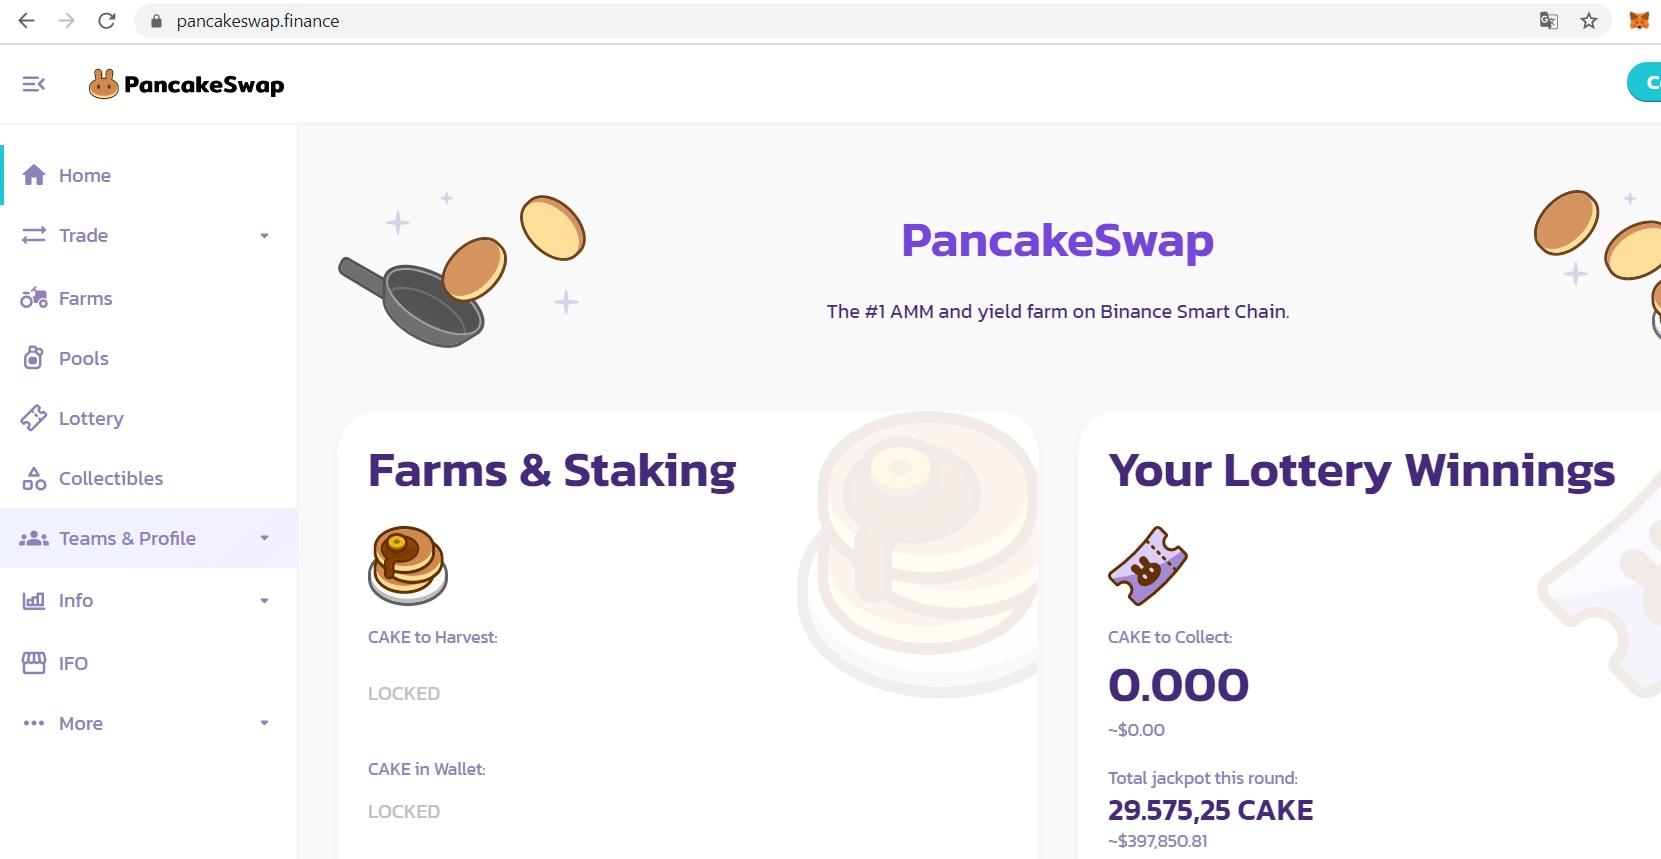 giao diện pancakeswap